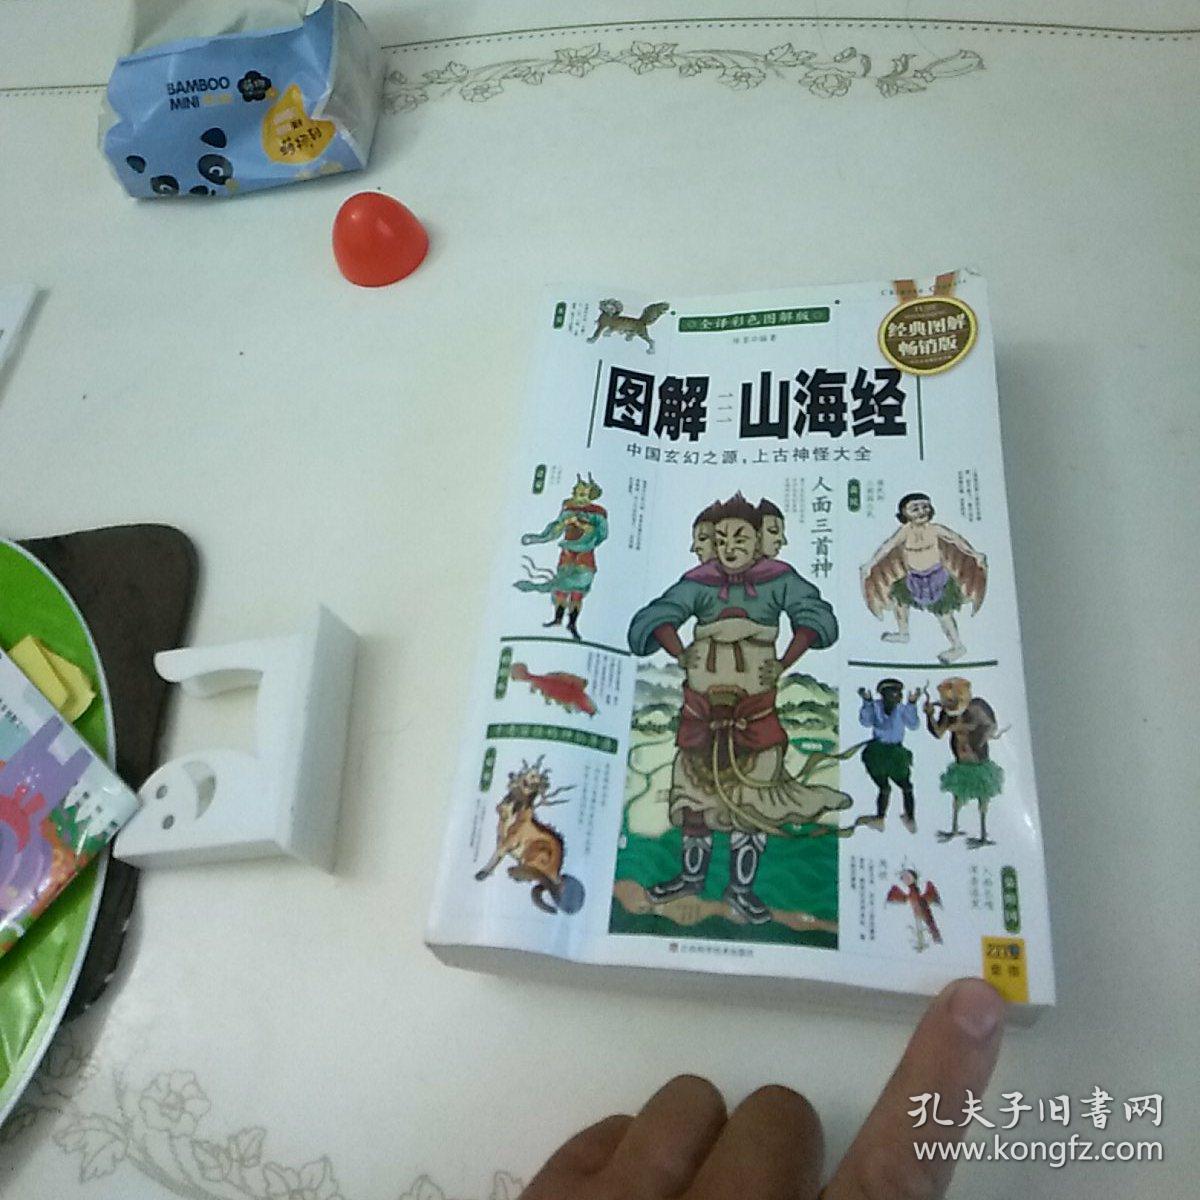 图解山海经:中国玄幻之源,上古神怪大全(2012全译彩色图解版)